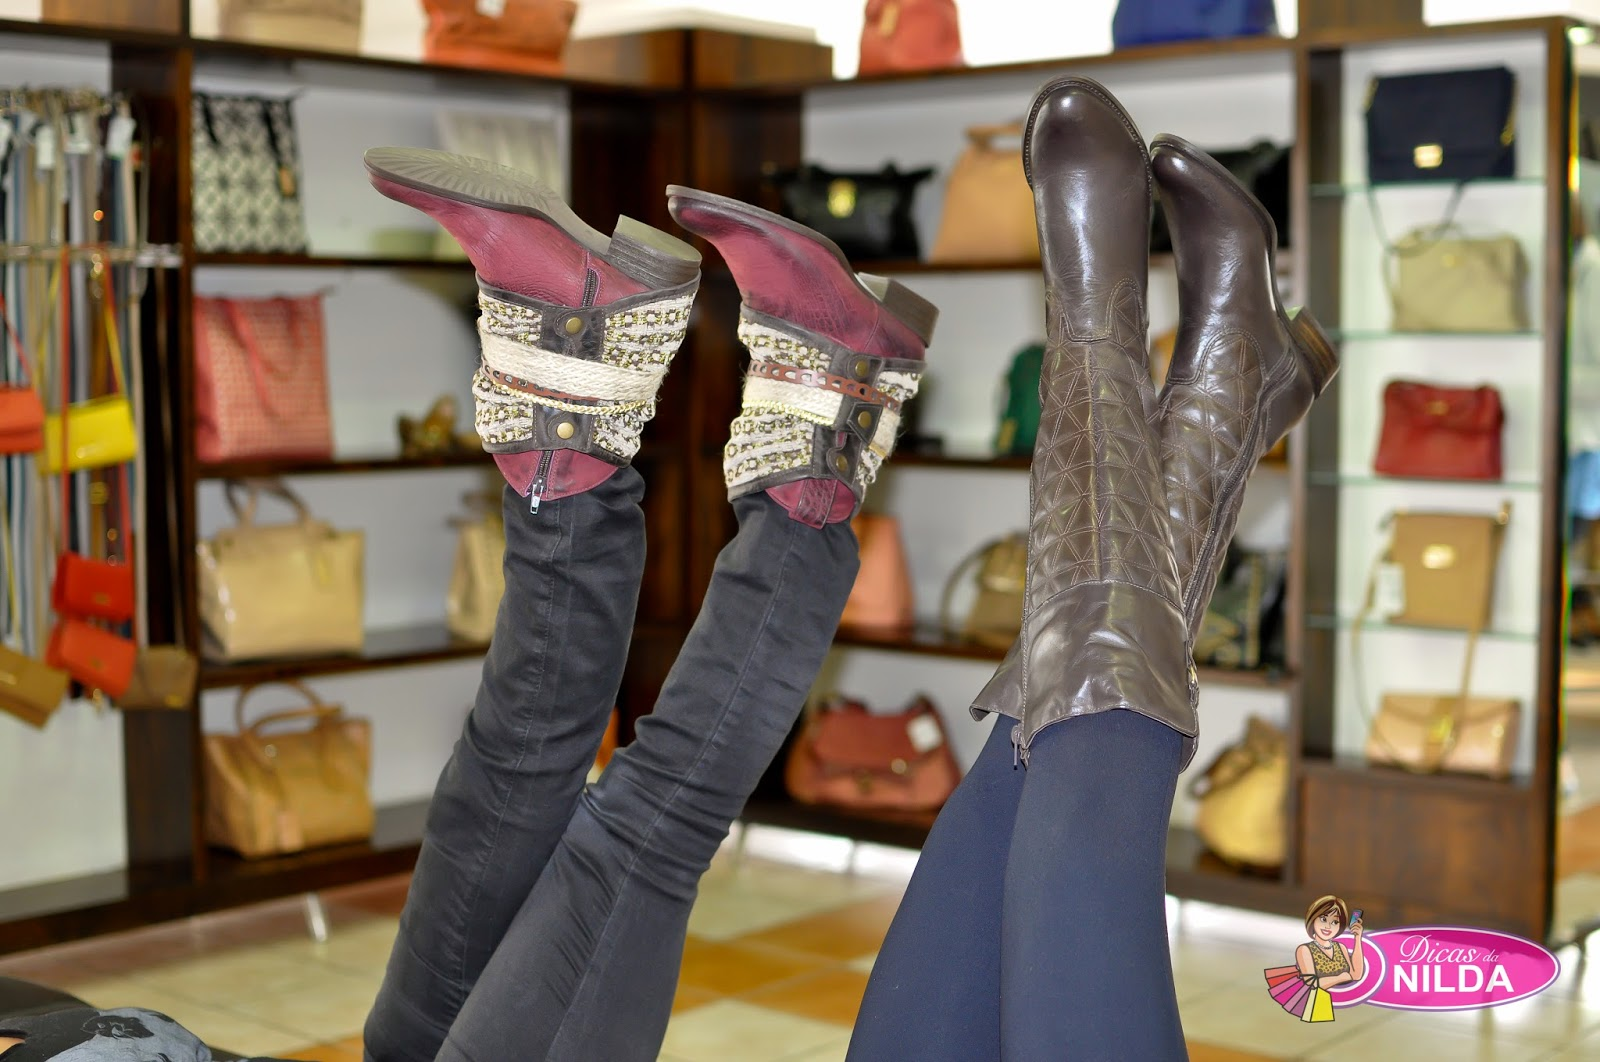 250c254ed a Bota da Loja Suzzara Calçados, aquela que pode ser usada de várias  maneiras. As roupas são da Loja Lunna Loca, a parceira,